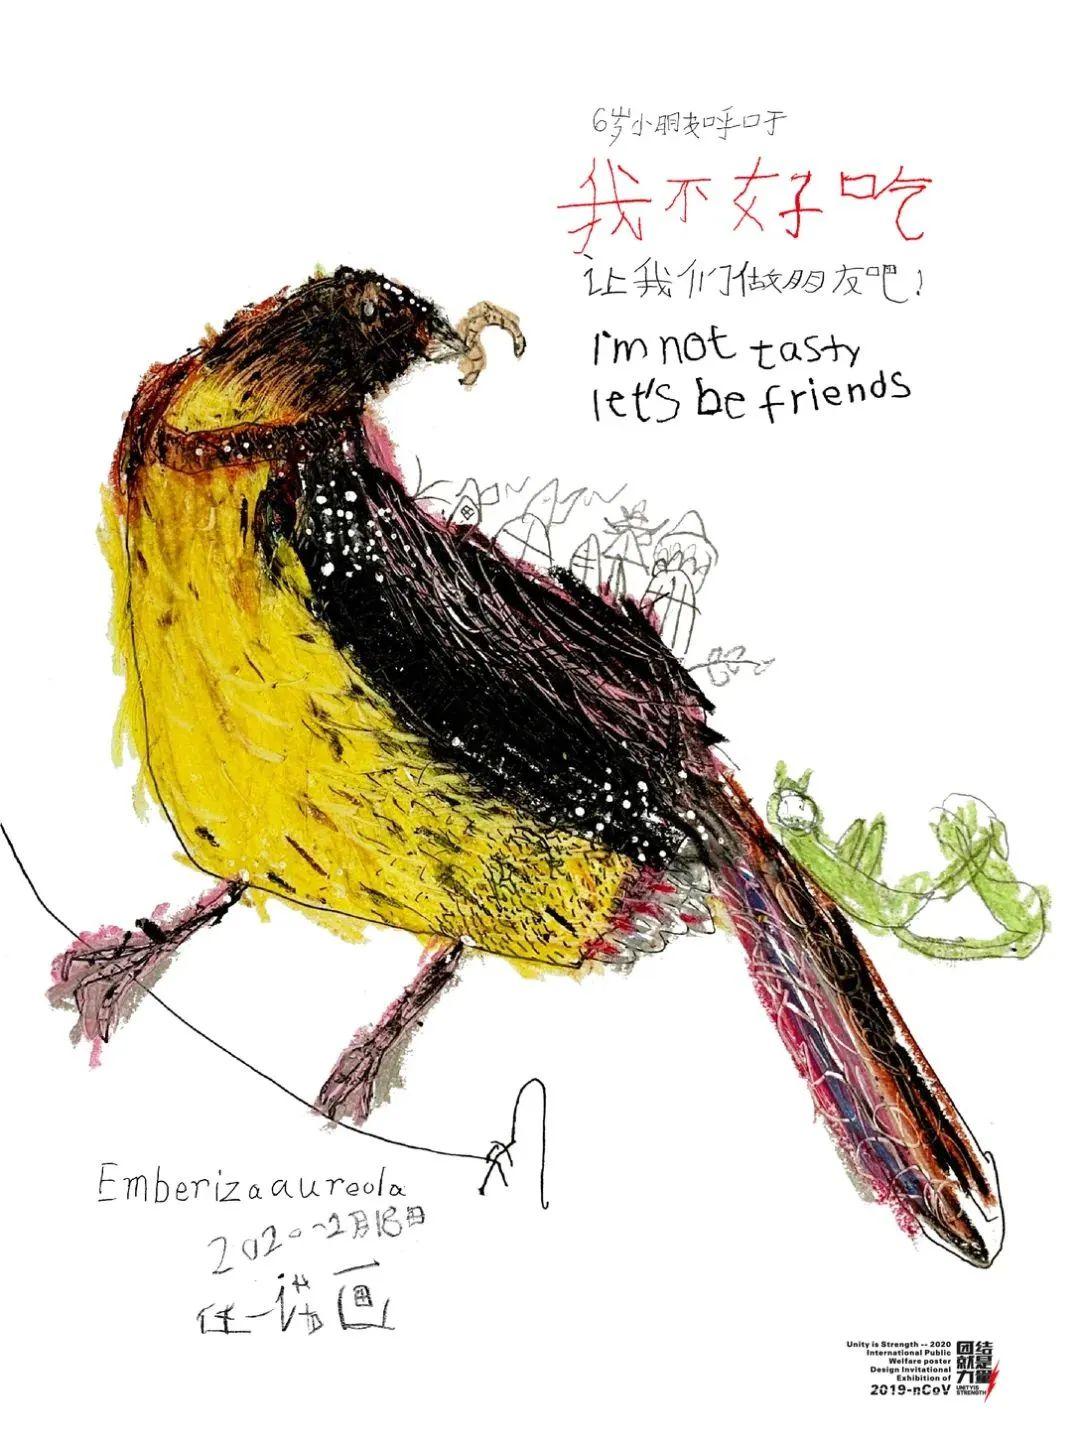 6岁蒙古族小设计师用插画拯救野生动物,为抗疫助力! 第45张